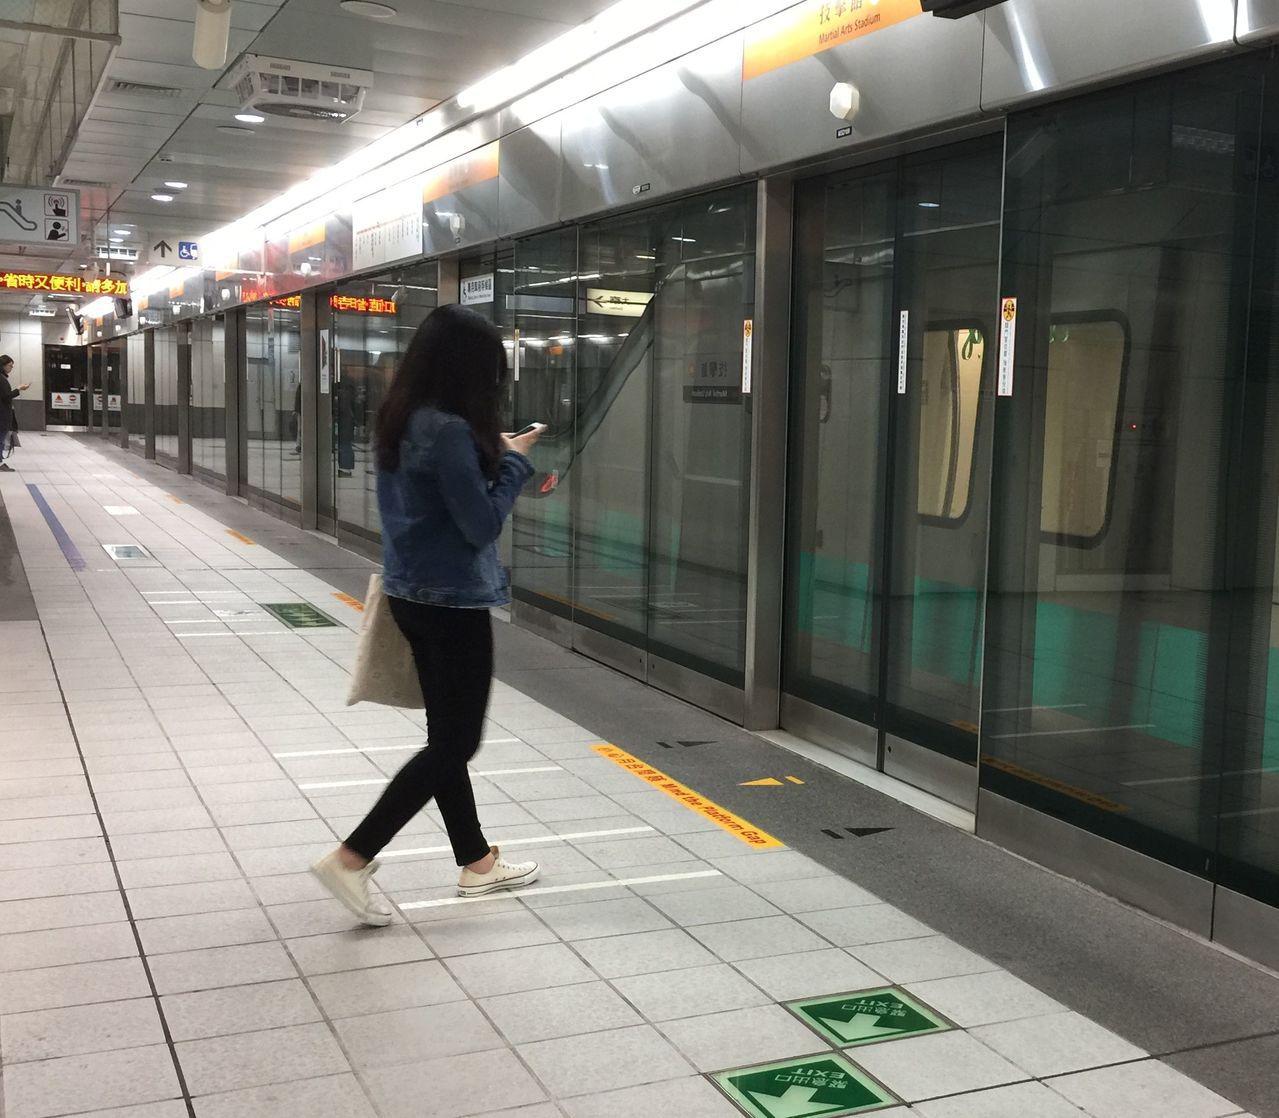 高雄市捷運局捷運整體規畫,要增黃線及小港、鳳鼻頭、林園線。圖/聯合報系資料照片